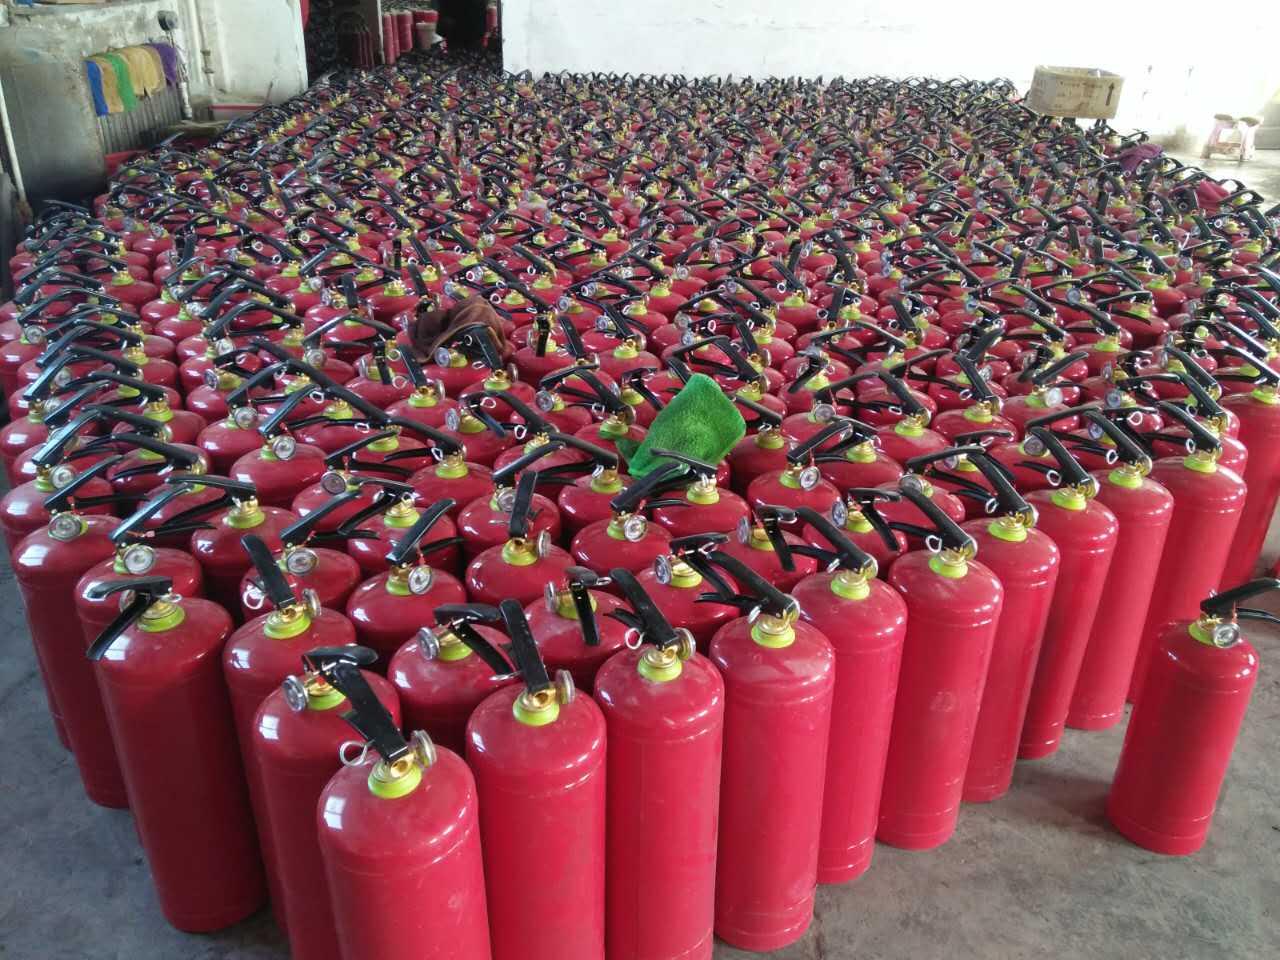 沈阳二氧化碳水基灭火器厂家